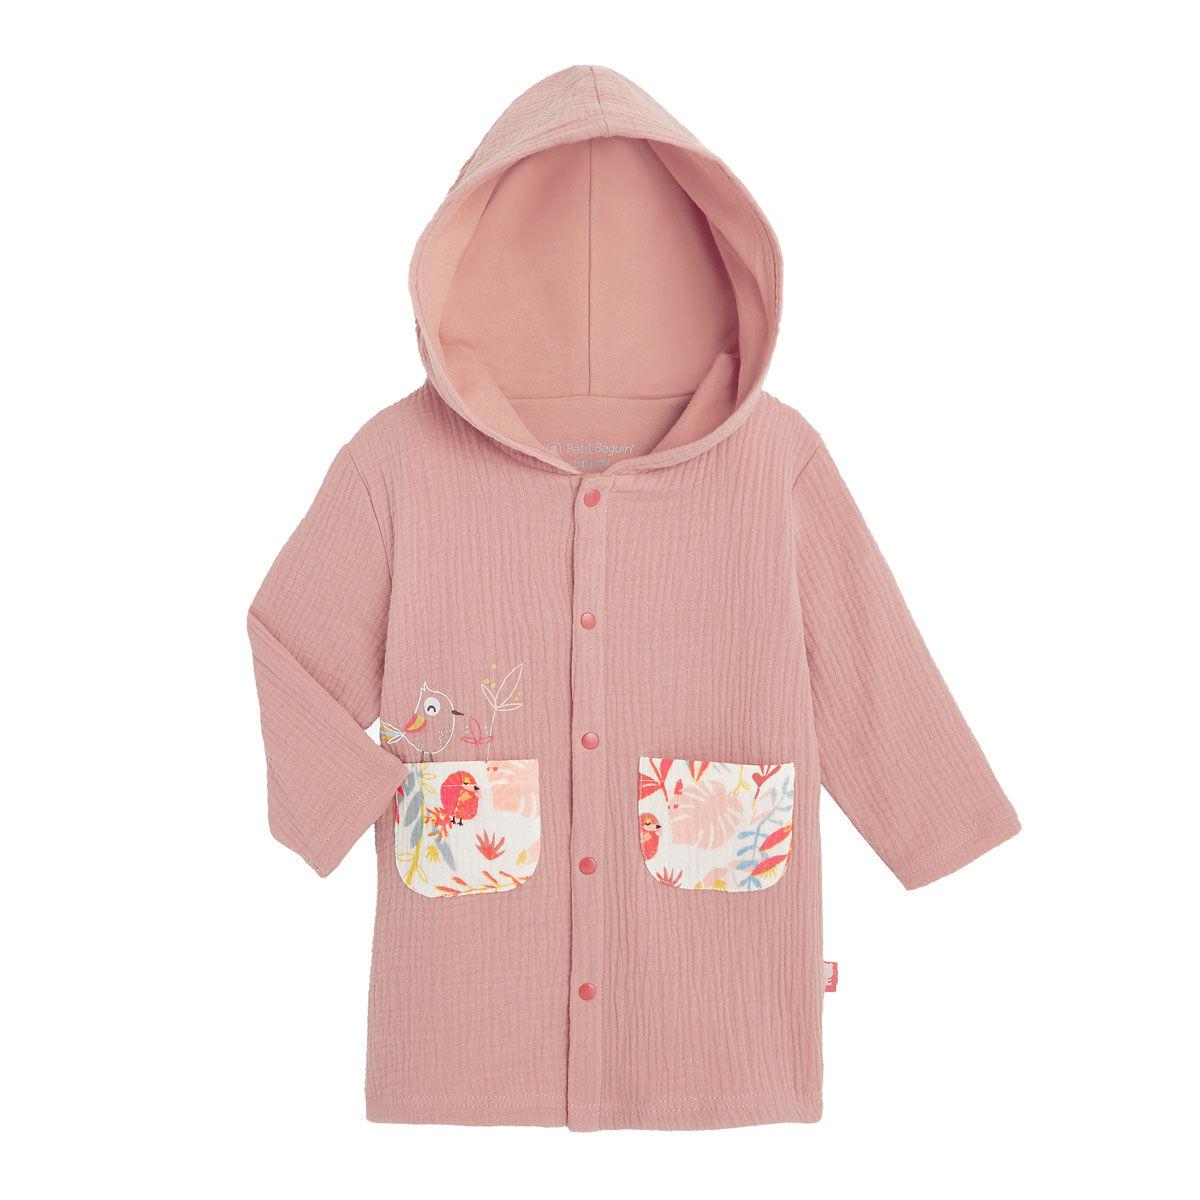 Petit Béguin Robe de chambre doublée bébé fille Tropic - Taille - 9 mois